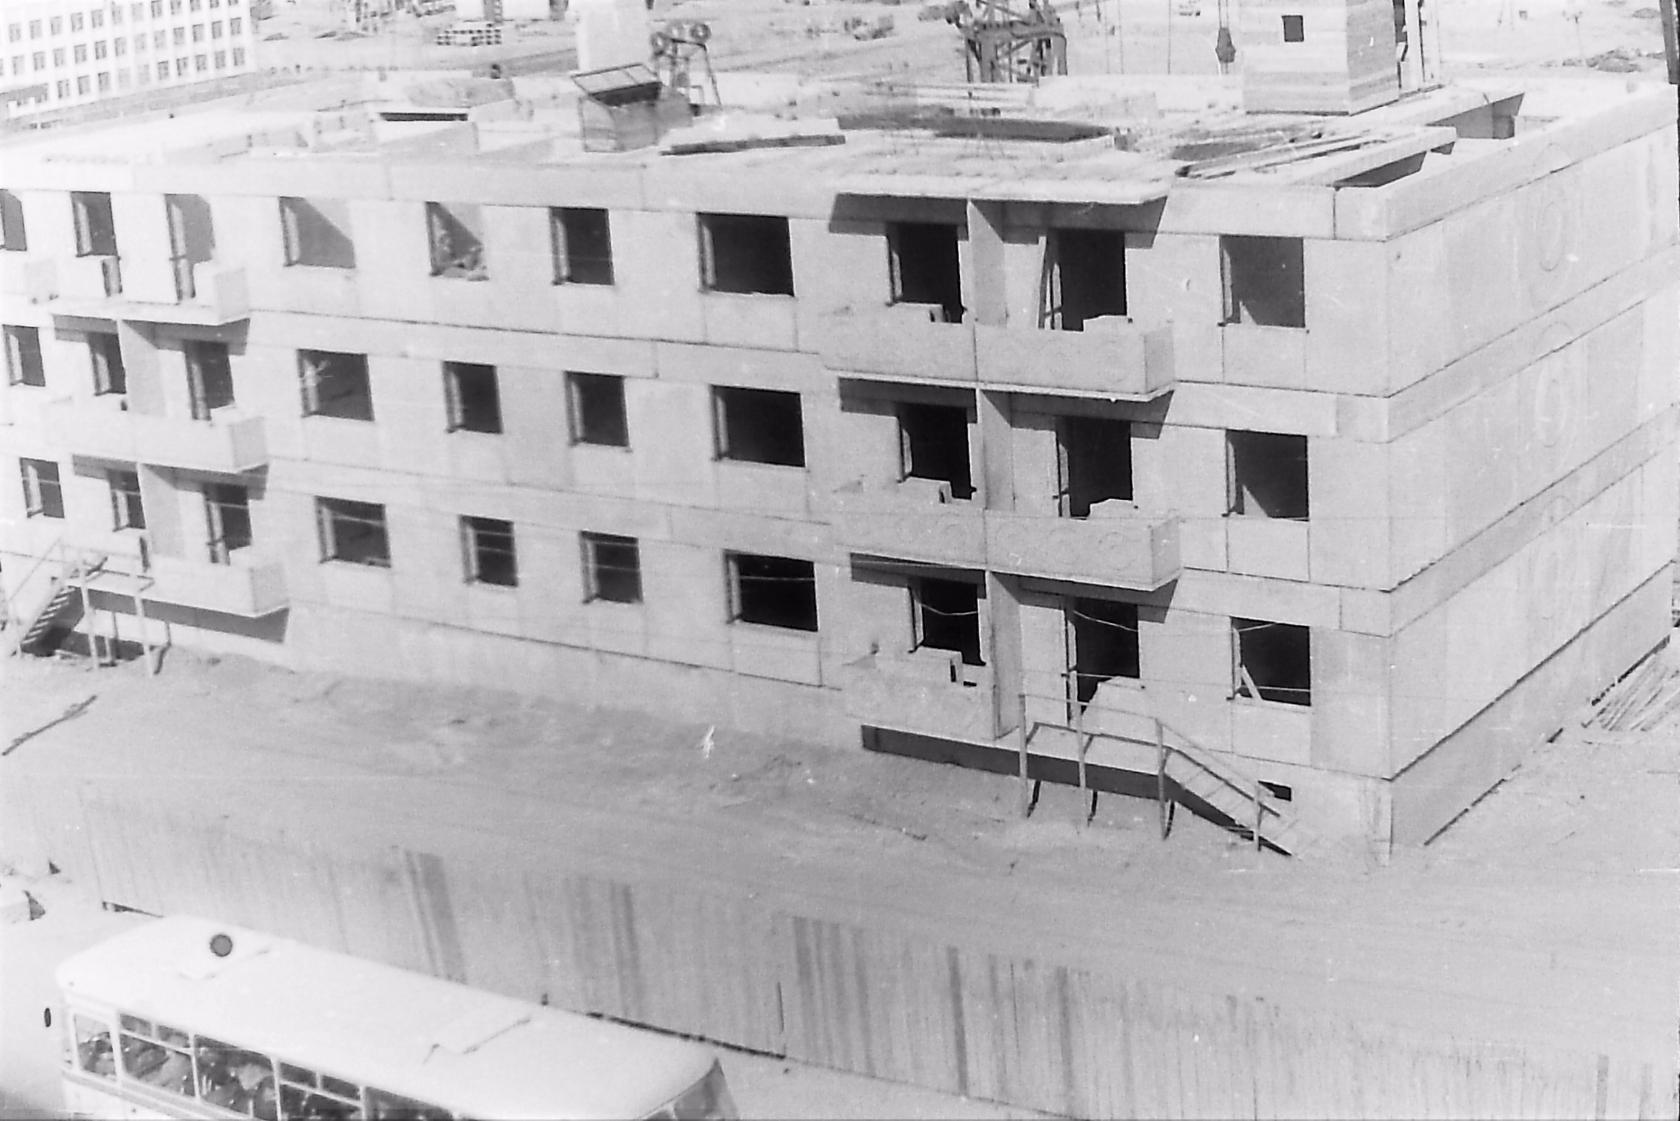 Строительство жилого дома №18 по улице Советской. Слева видны окна школы №5 г. Оха